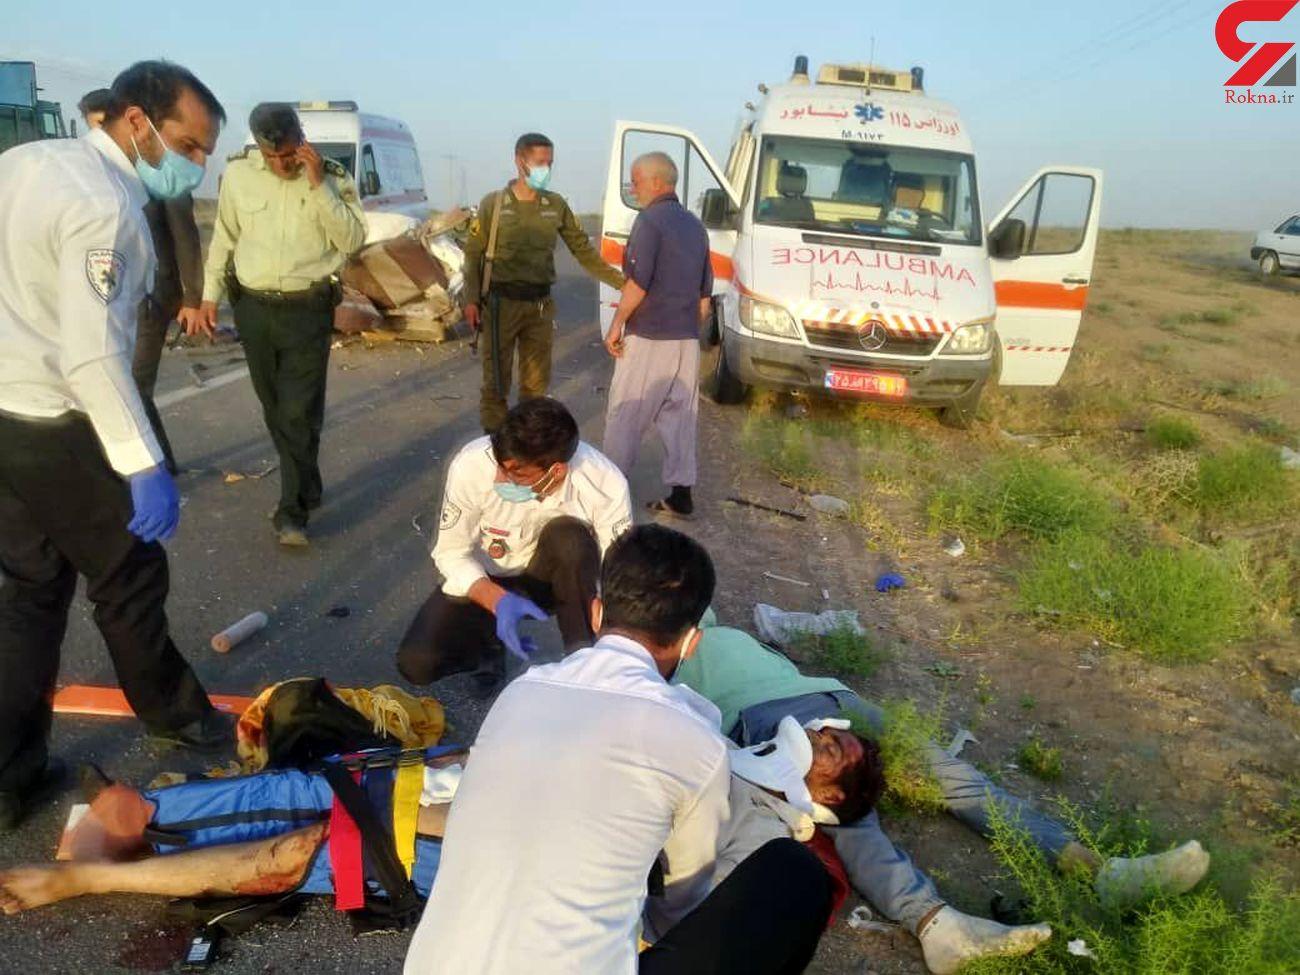 حادثه محور الیگودرز _ اصفهان ۶ مجروح برجا گذاشت| وخامت حال ۲ تن از مجروحان